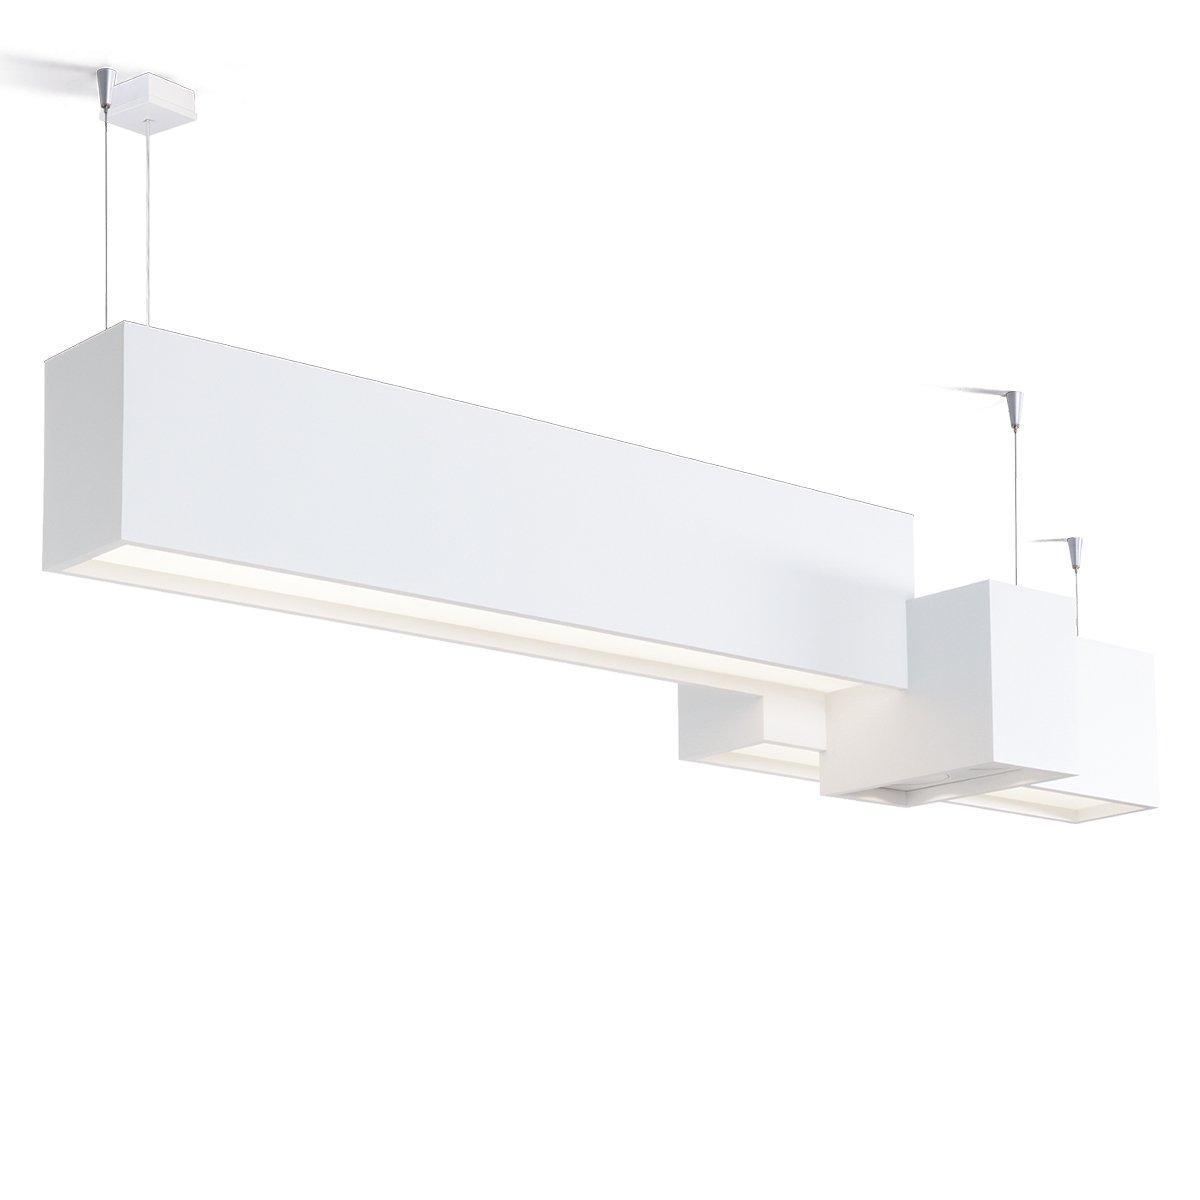 Wever & Ducr� Bebow Hanglamp 4.0 - Wit